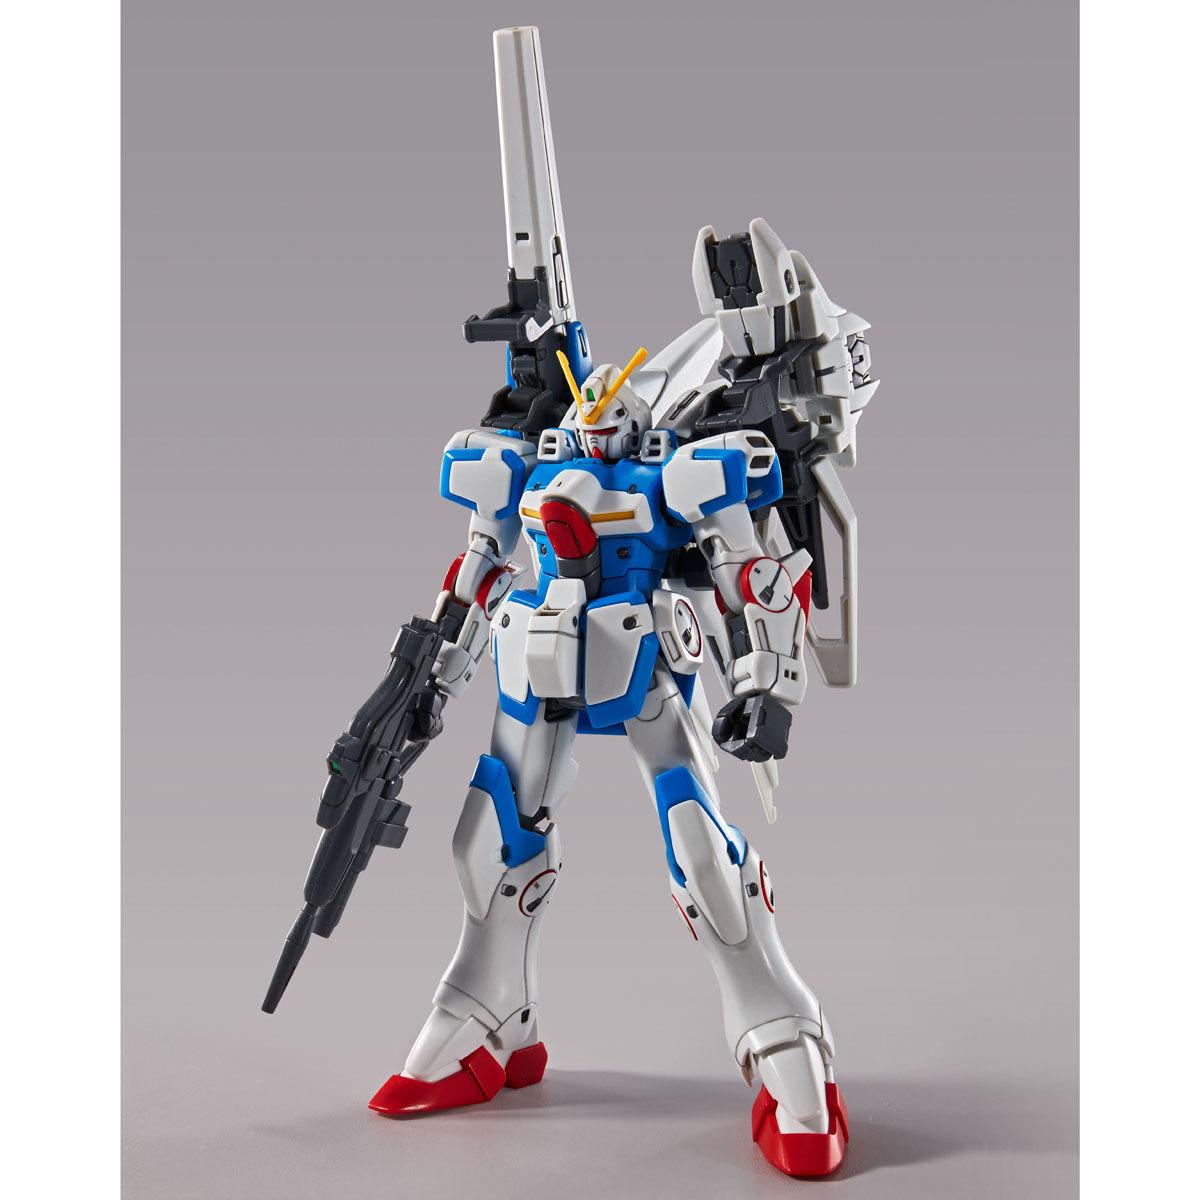 【限定販売】HG 1/144『セカンドV』プラモデル-002